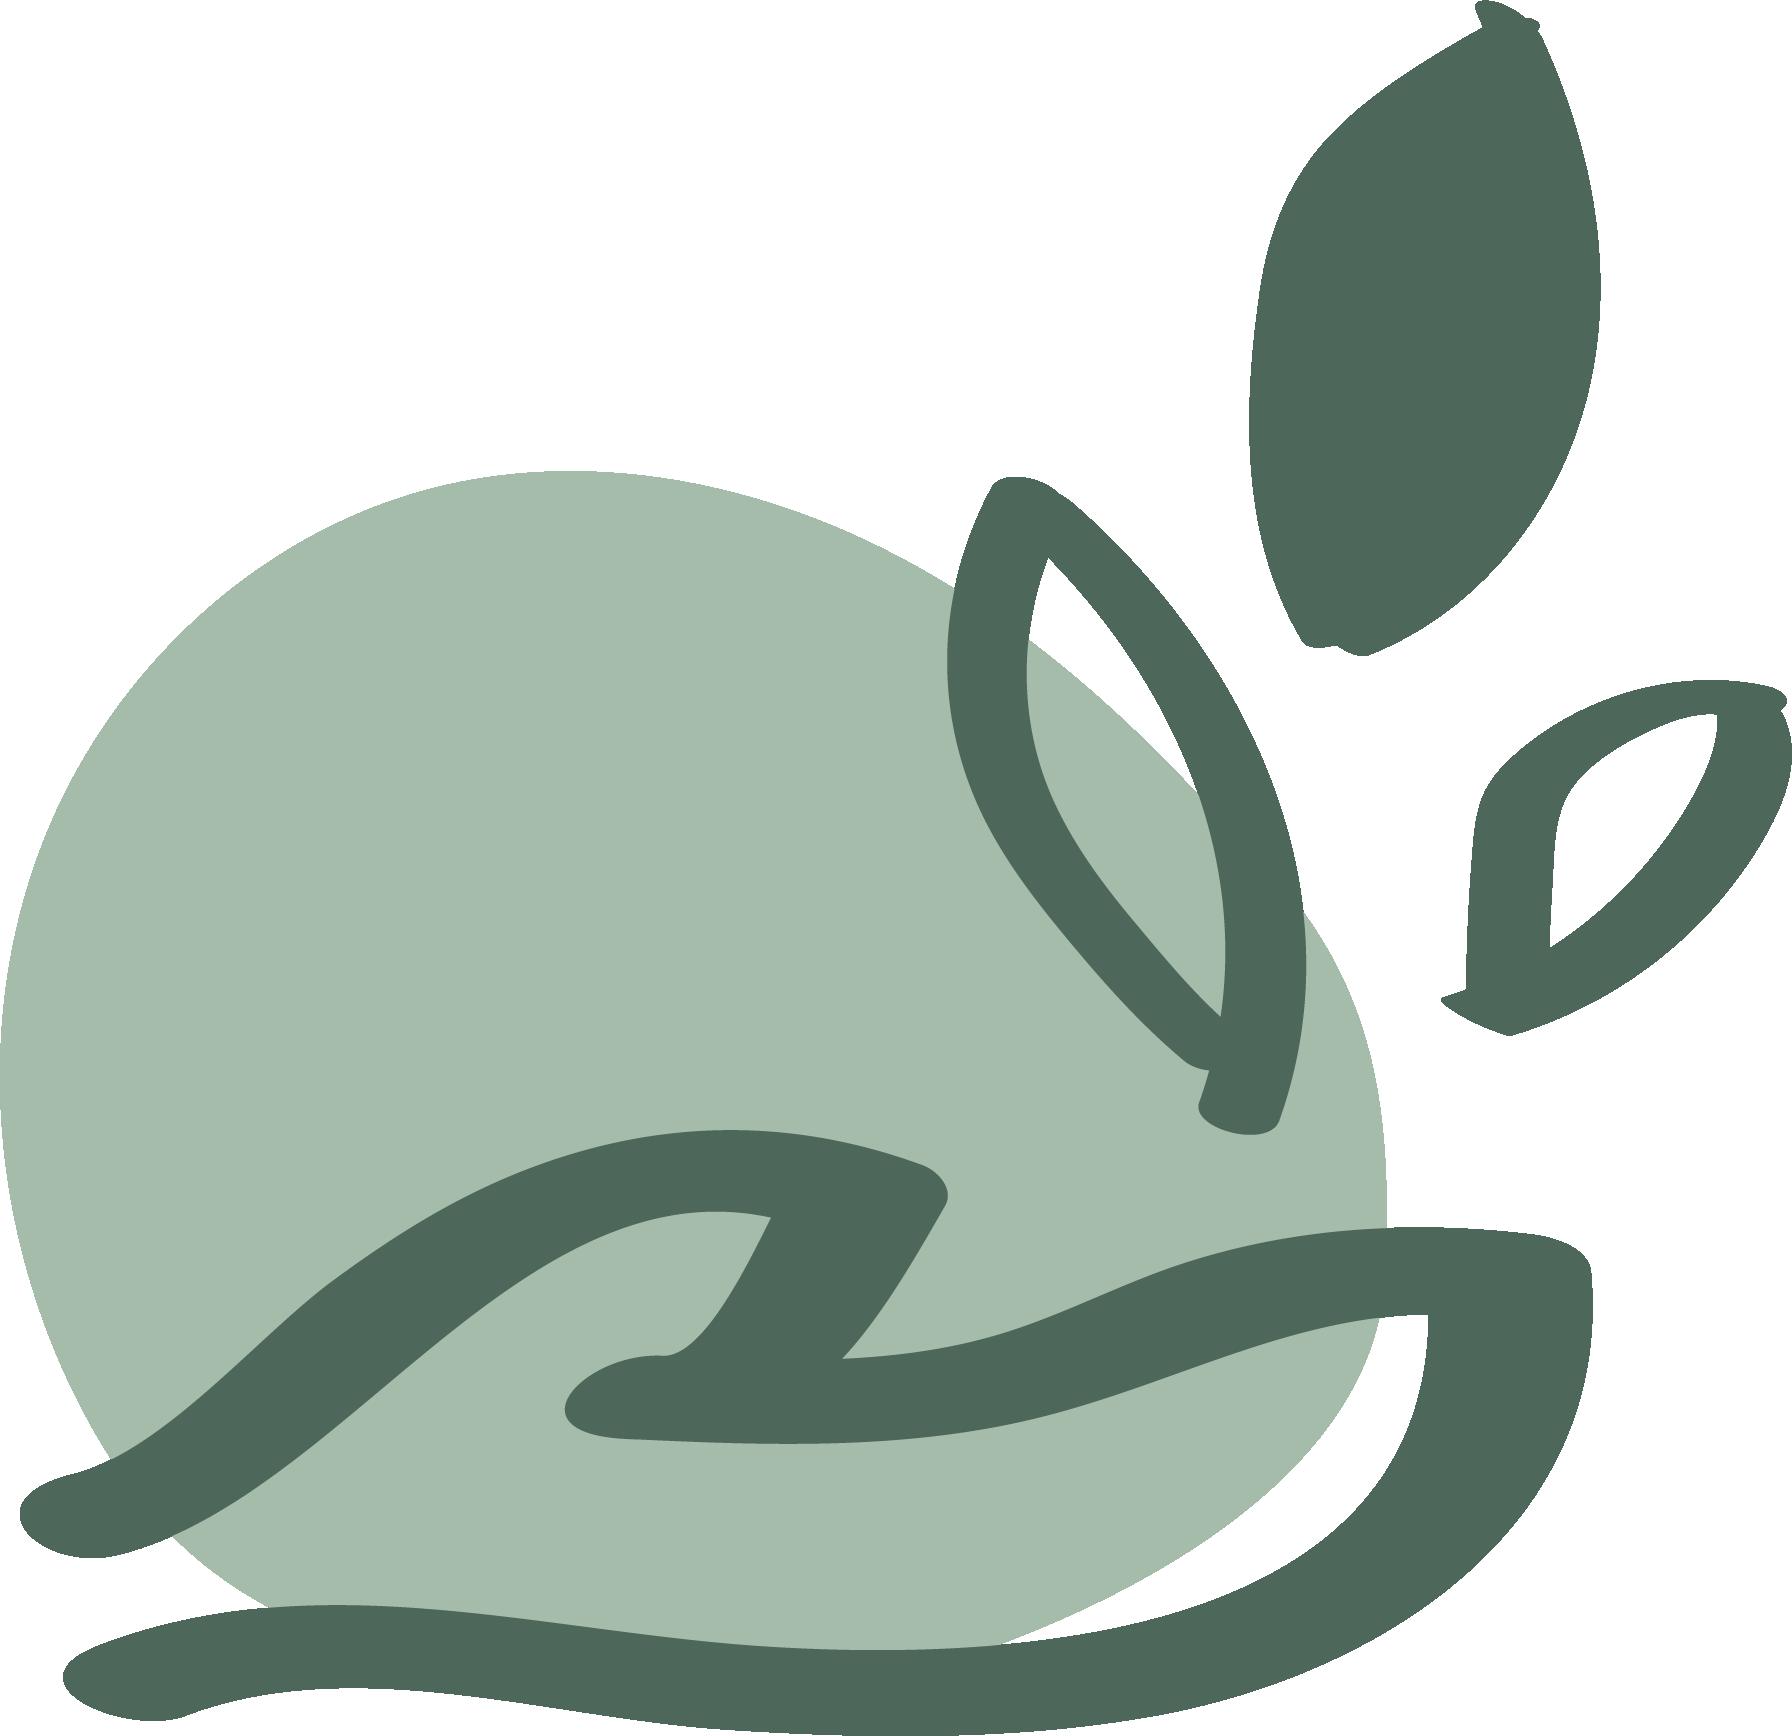 icoon tak met blaadjes en een hand